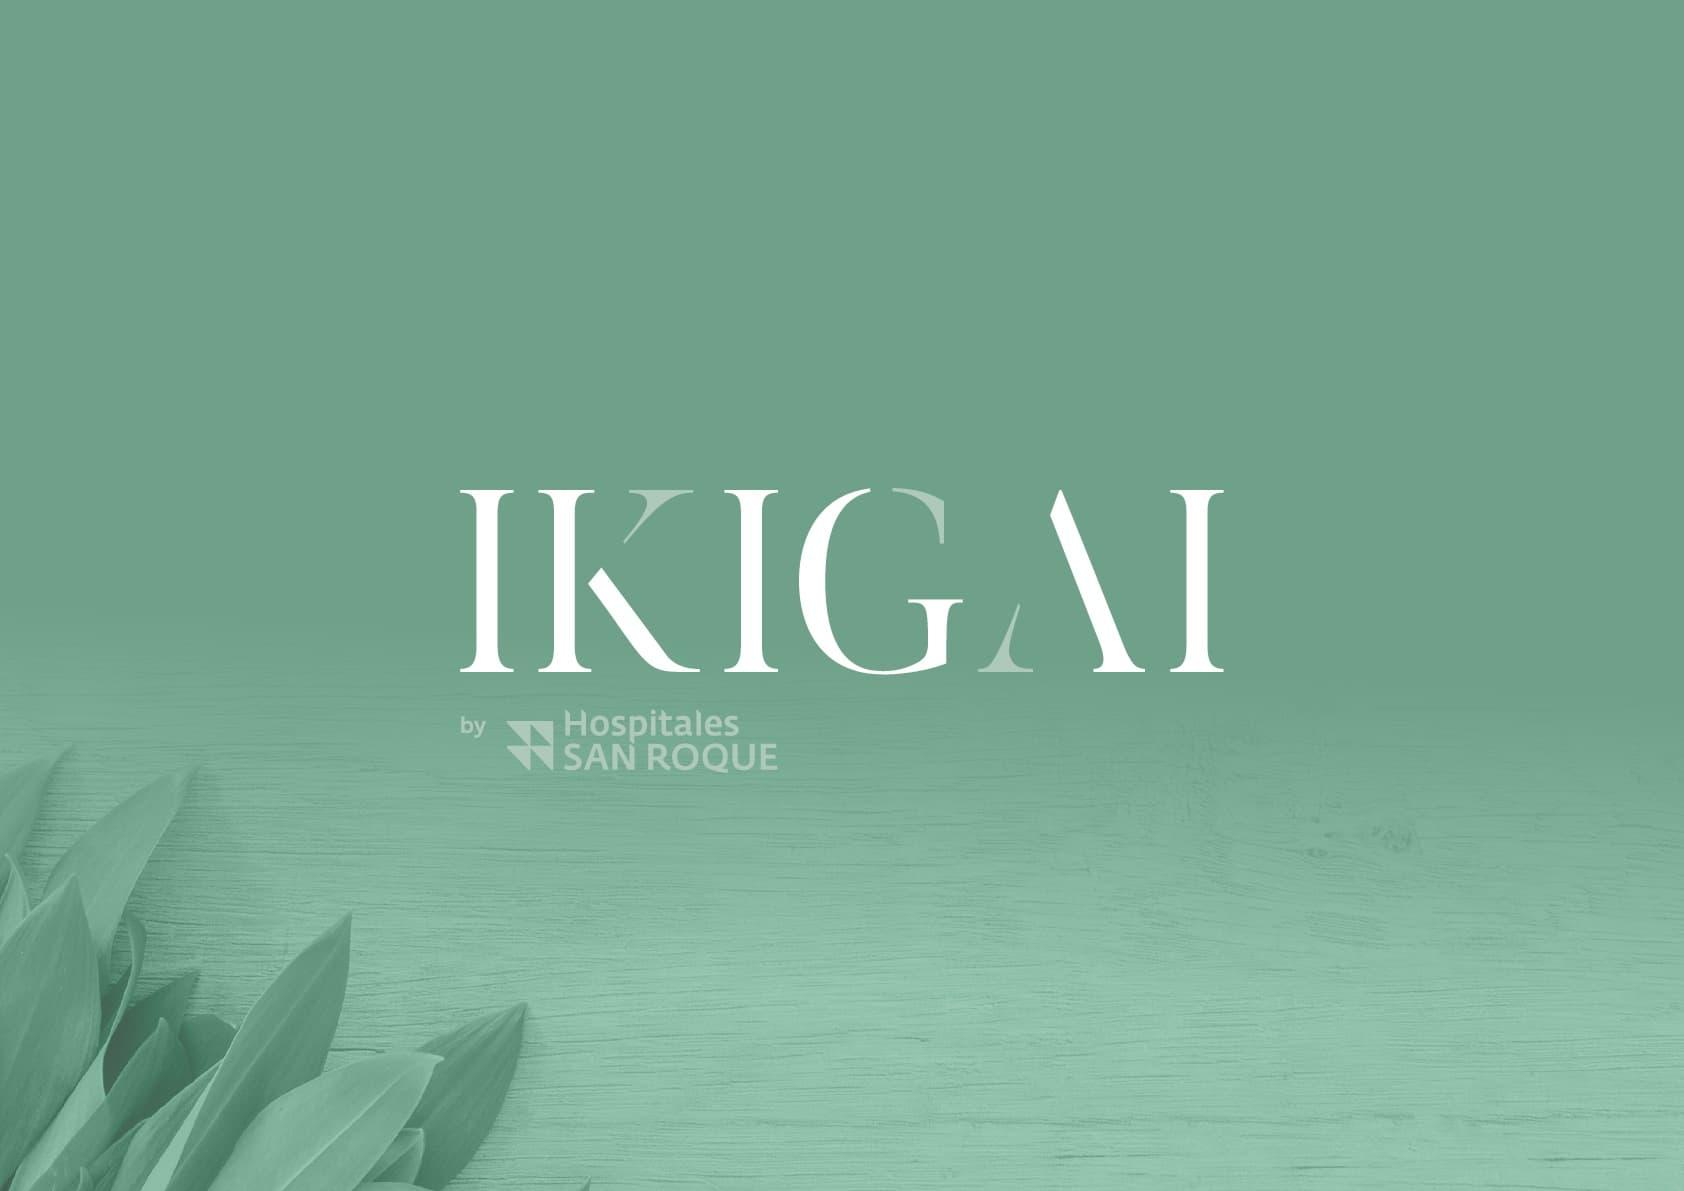 Participamos en el lanzamiento de IKIGAI by Hospitales San Roque, un nuevo concepto de bienestar y estética a la altura de un referente en salud